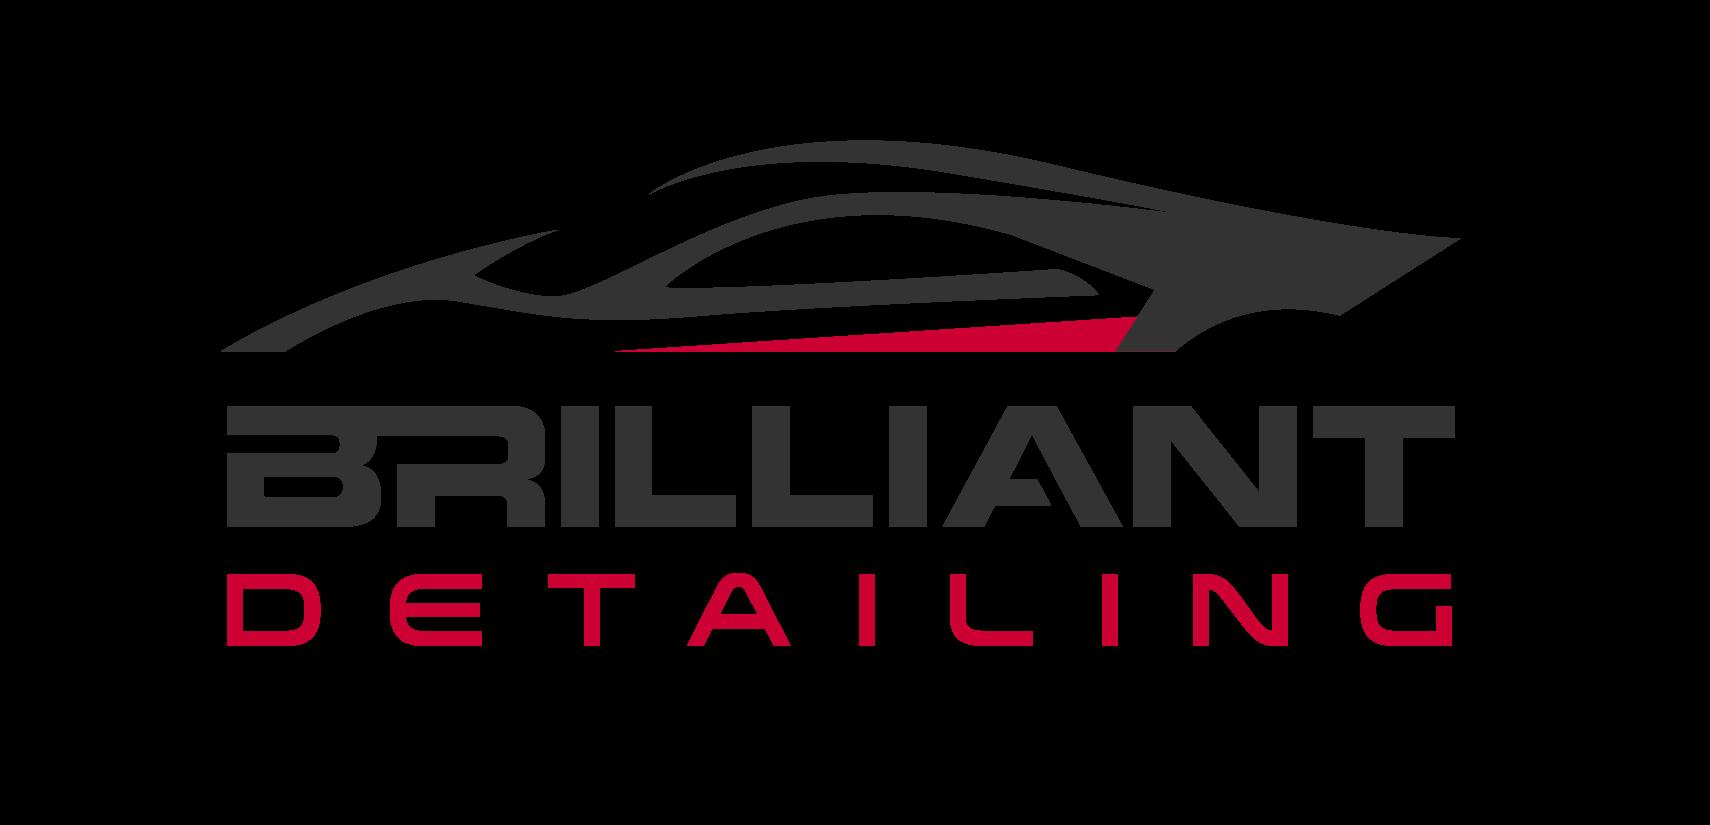 Brilliant Detailing logo